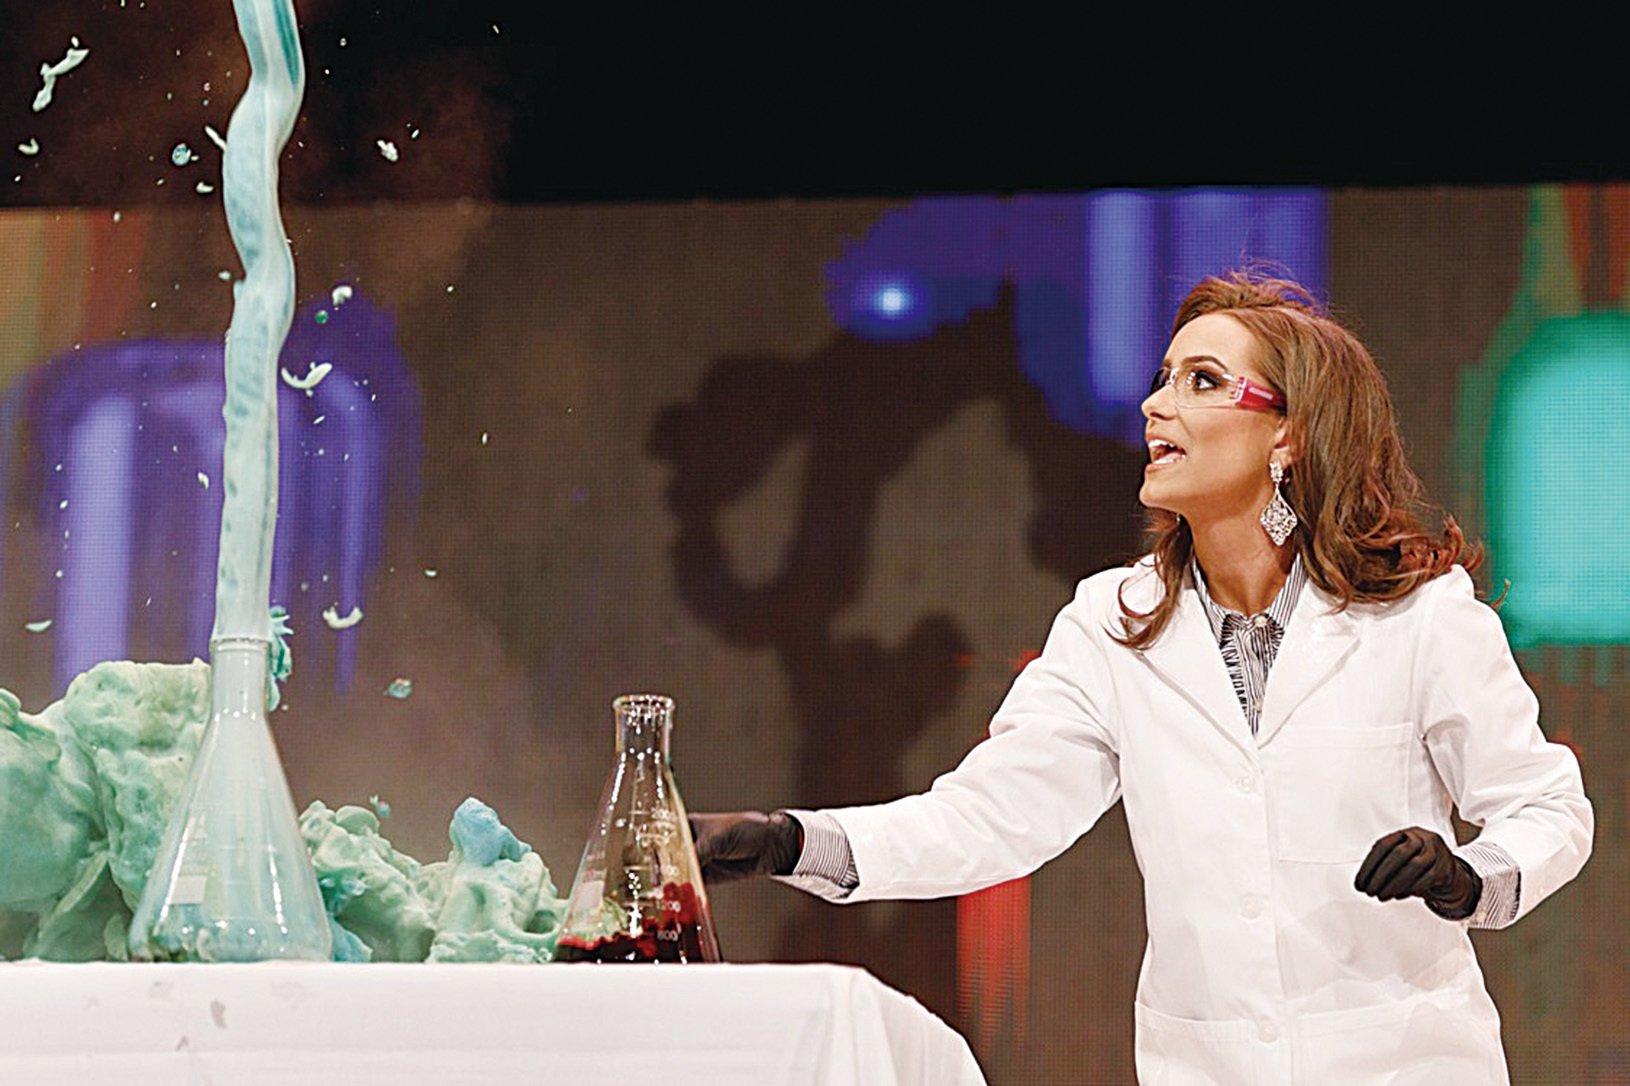 24歲的卡蜜兒施里爾(Camille Schrier) 在選美舞台上展現了她的專業長才——化學實驗。(Camille Schrier FB)